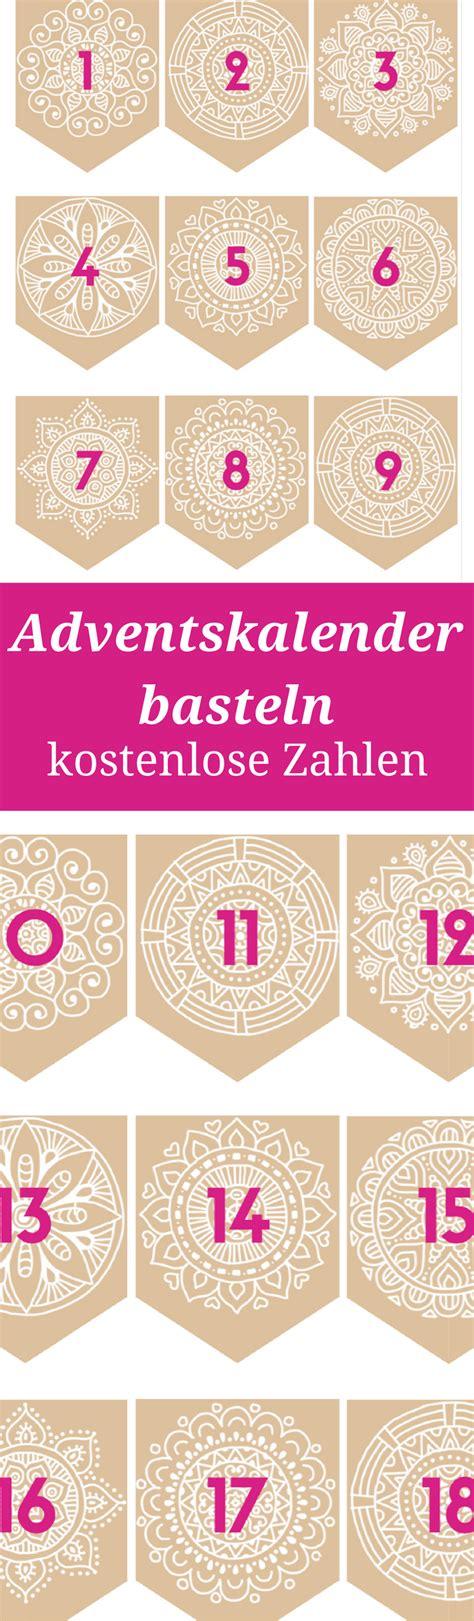 Kostenlose Vorlage Adventskalender adventskalender basteln zahlen zum ausdrucken meine svenja